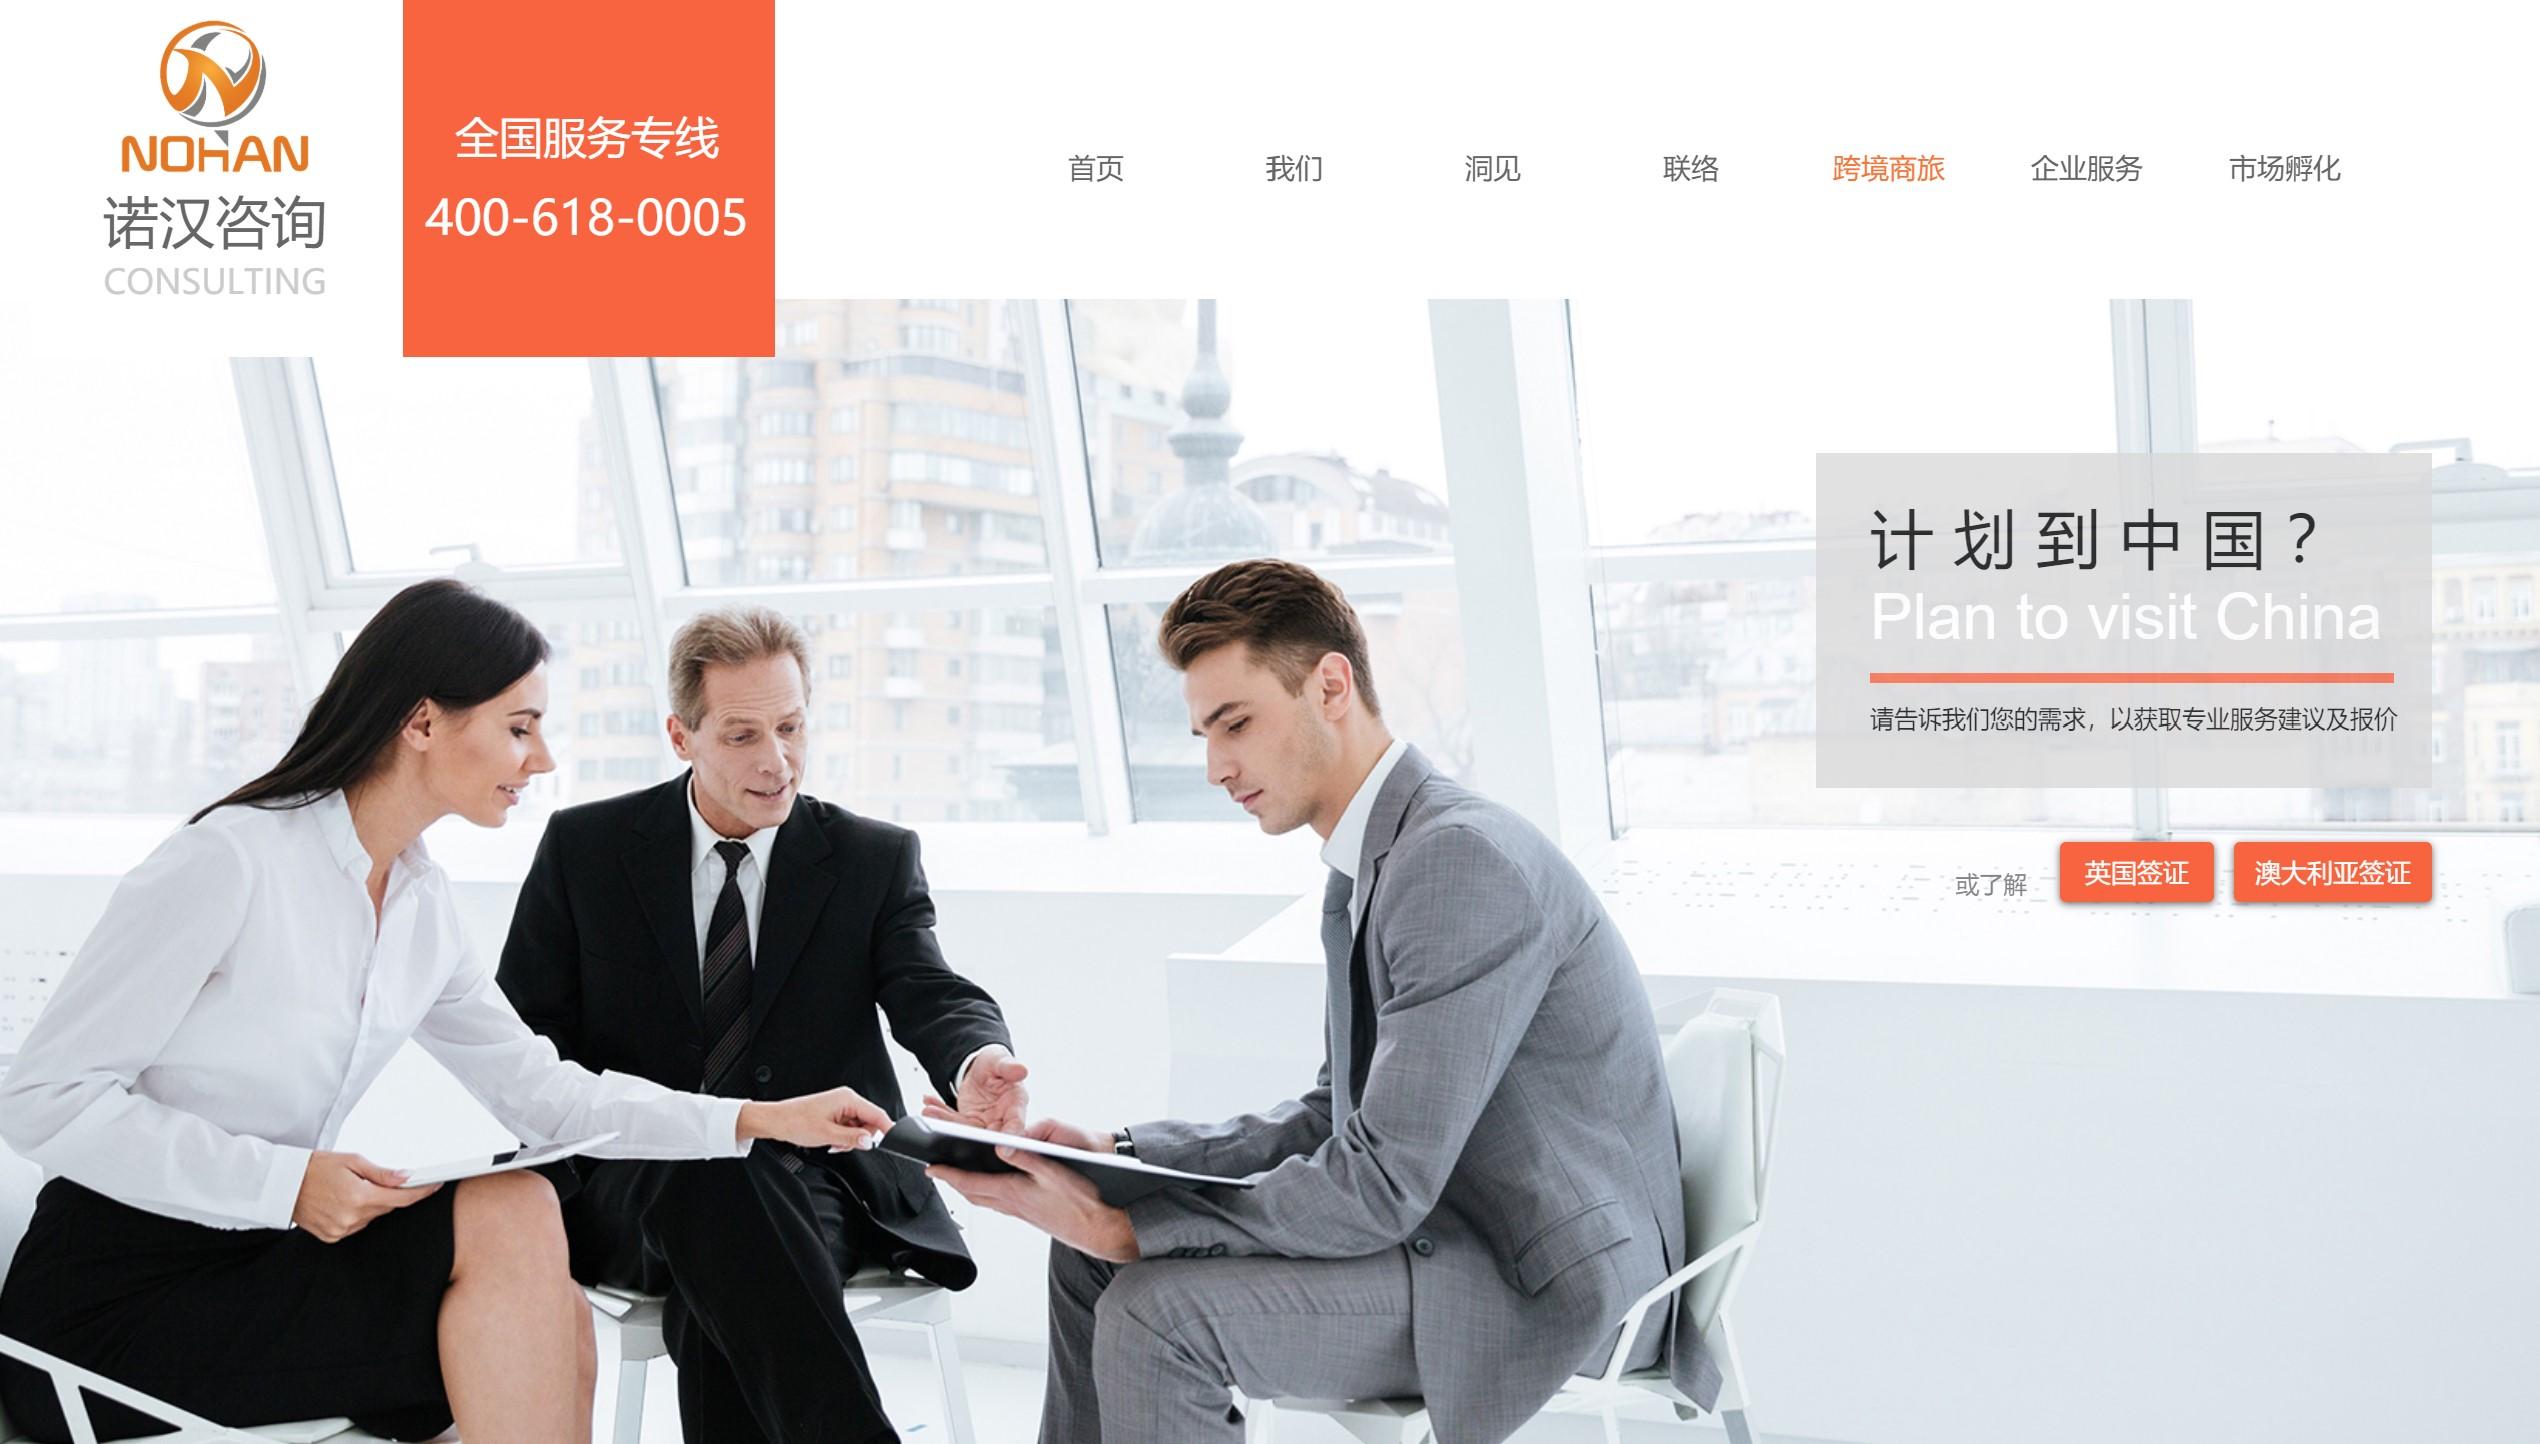 外籍工作签证办理_如何办理工作签证相关-诺汉咨询